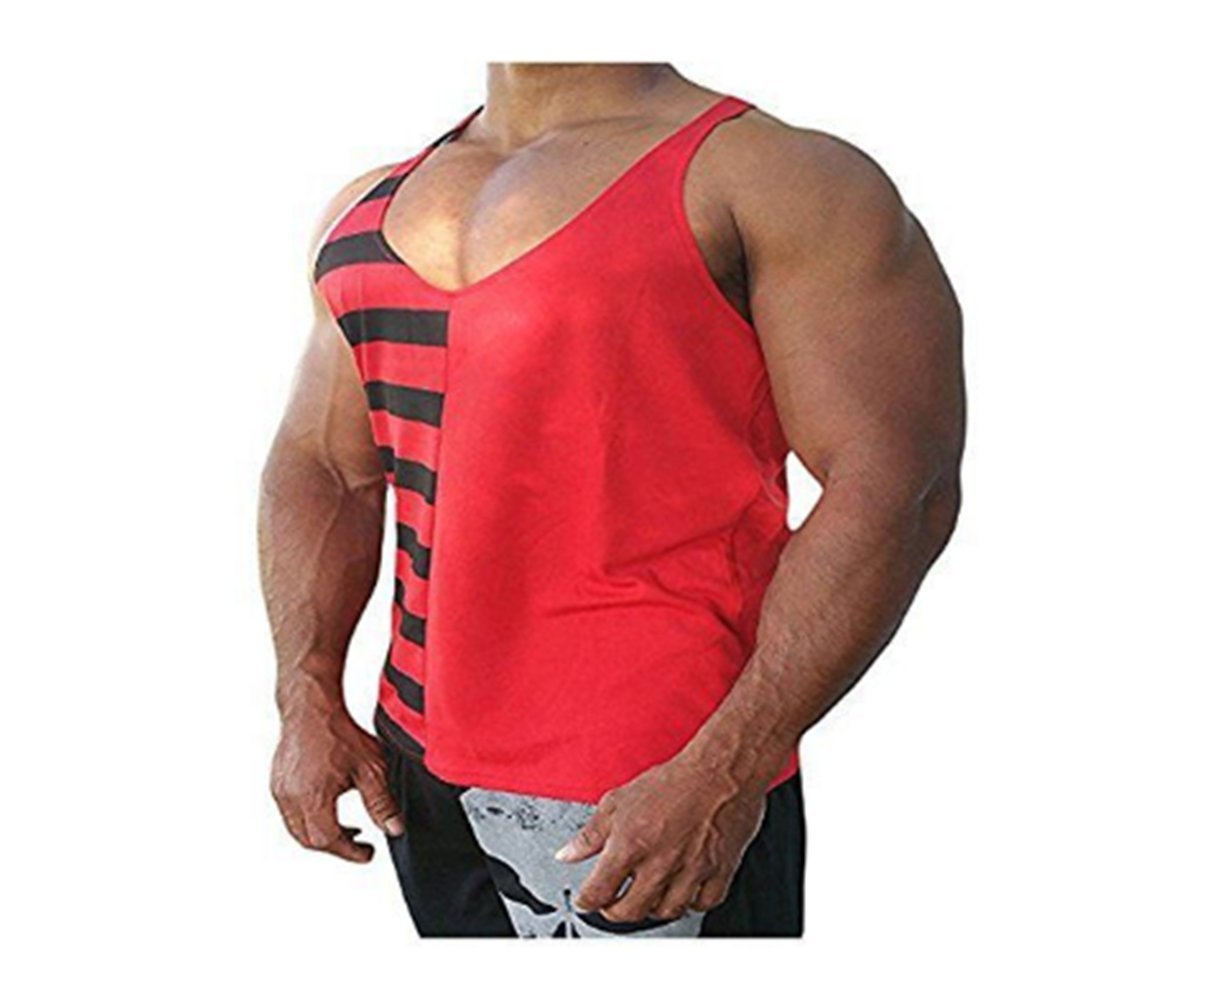 M, bianco Shirt Canotte Swallowuk Uomo Sportivo Palestra Muscolo Formazione Cotone Vest Senza Maniche Bodybuilding Sports Canotte T